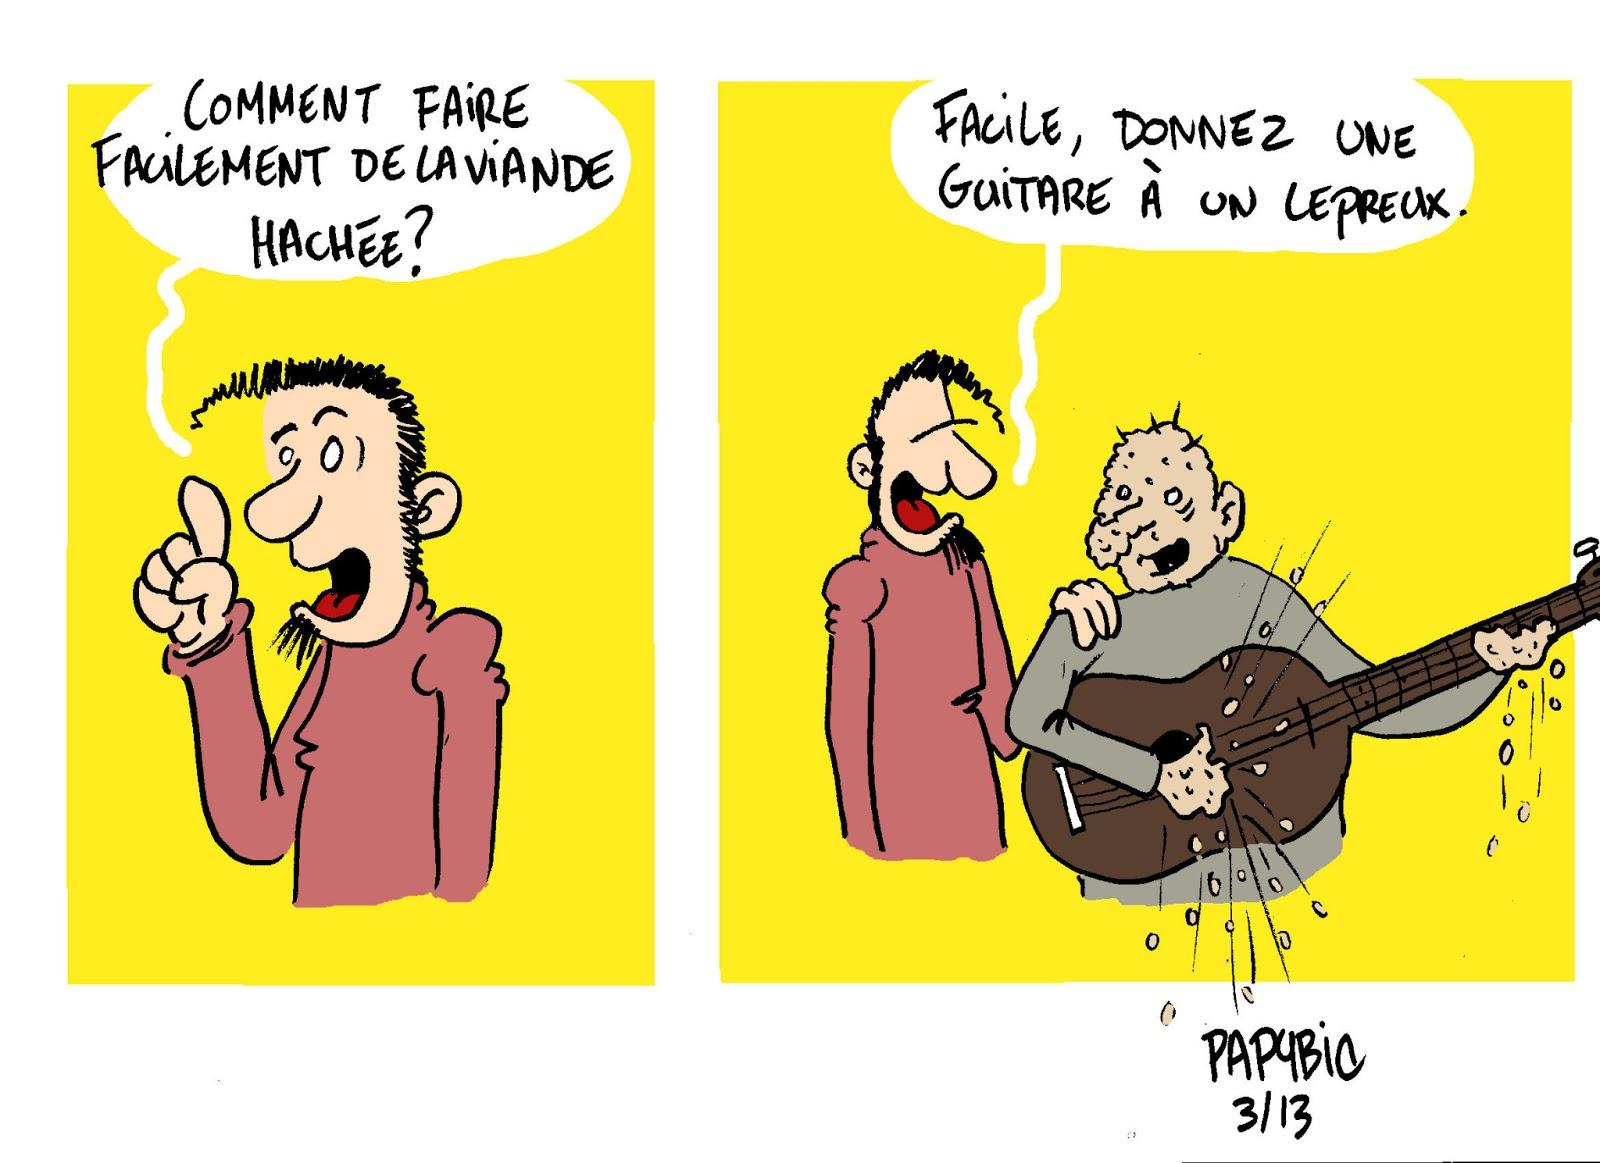 blague lepreux